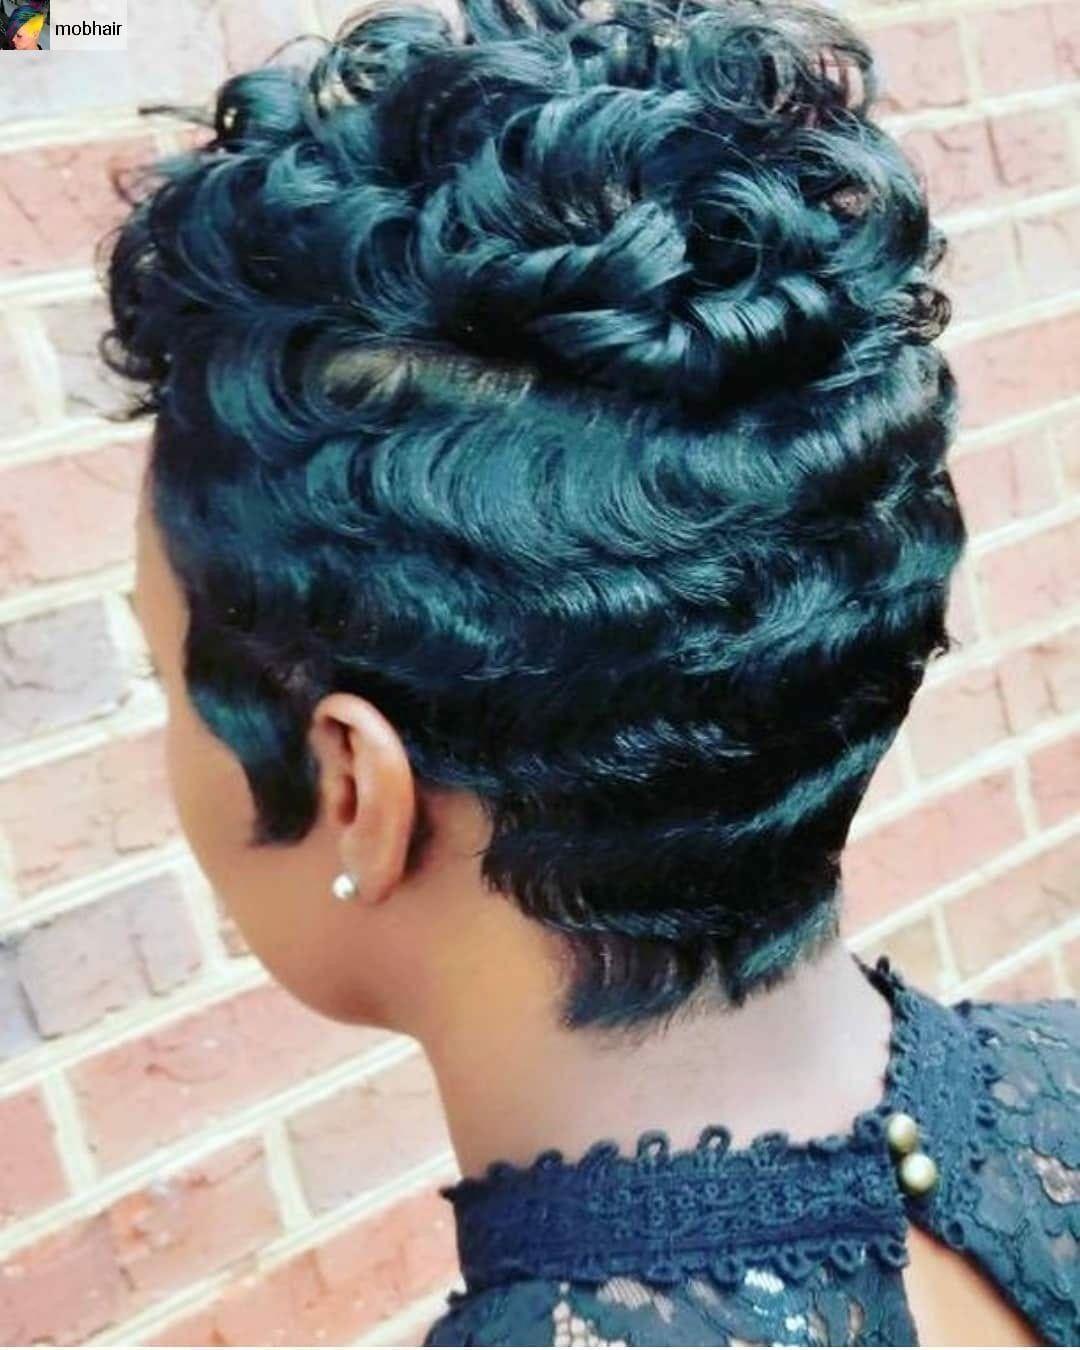 Black Hair Salons Columbus Ga : black, salons, columbus, Teri's, Salon, Columbus, Healthy, Black, Short, Sassy, Hair,, Pretty, Hairstyles,